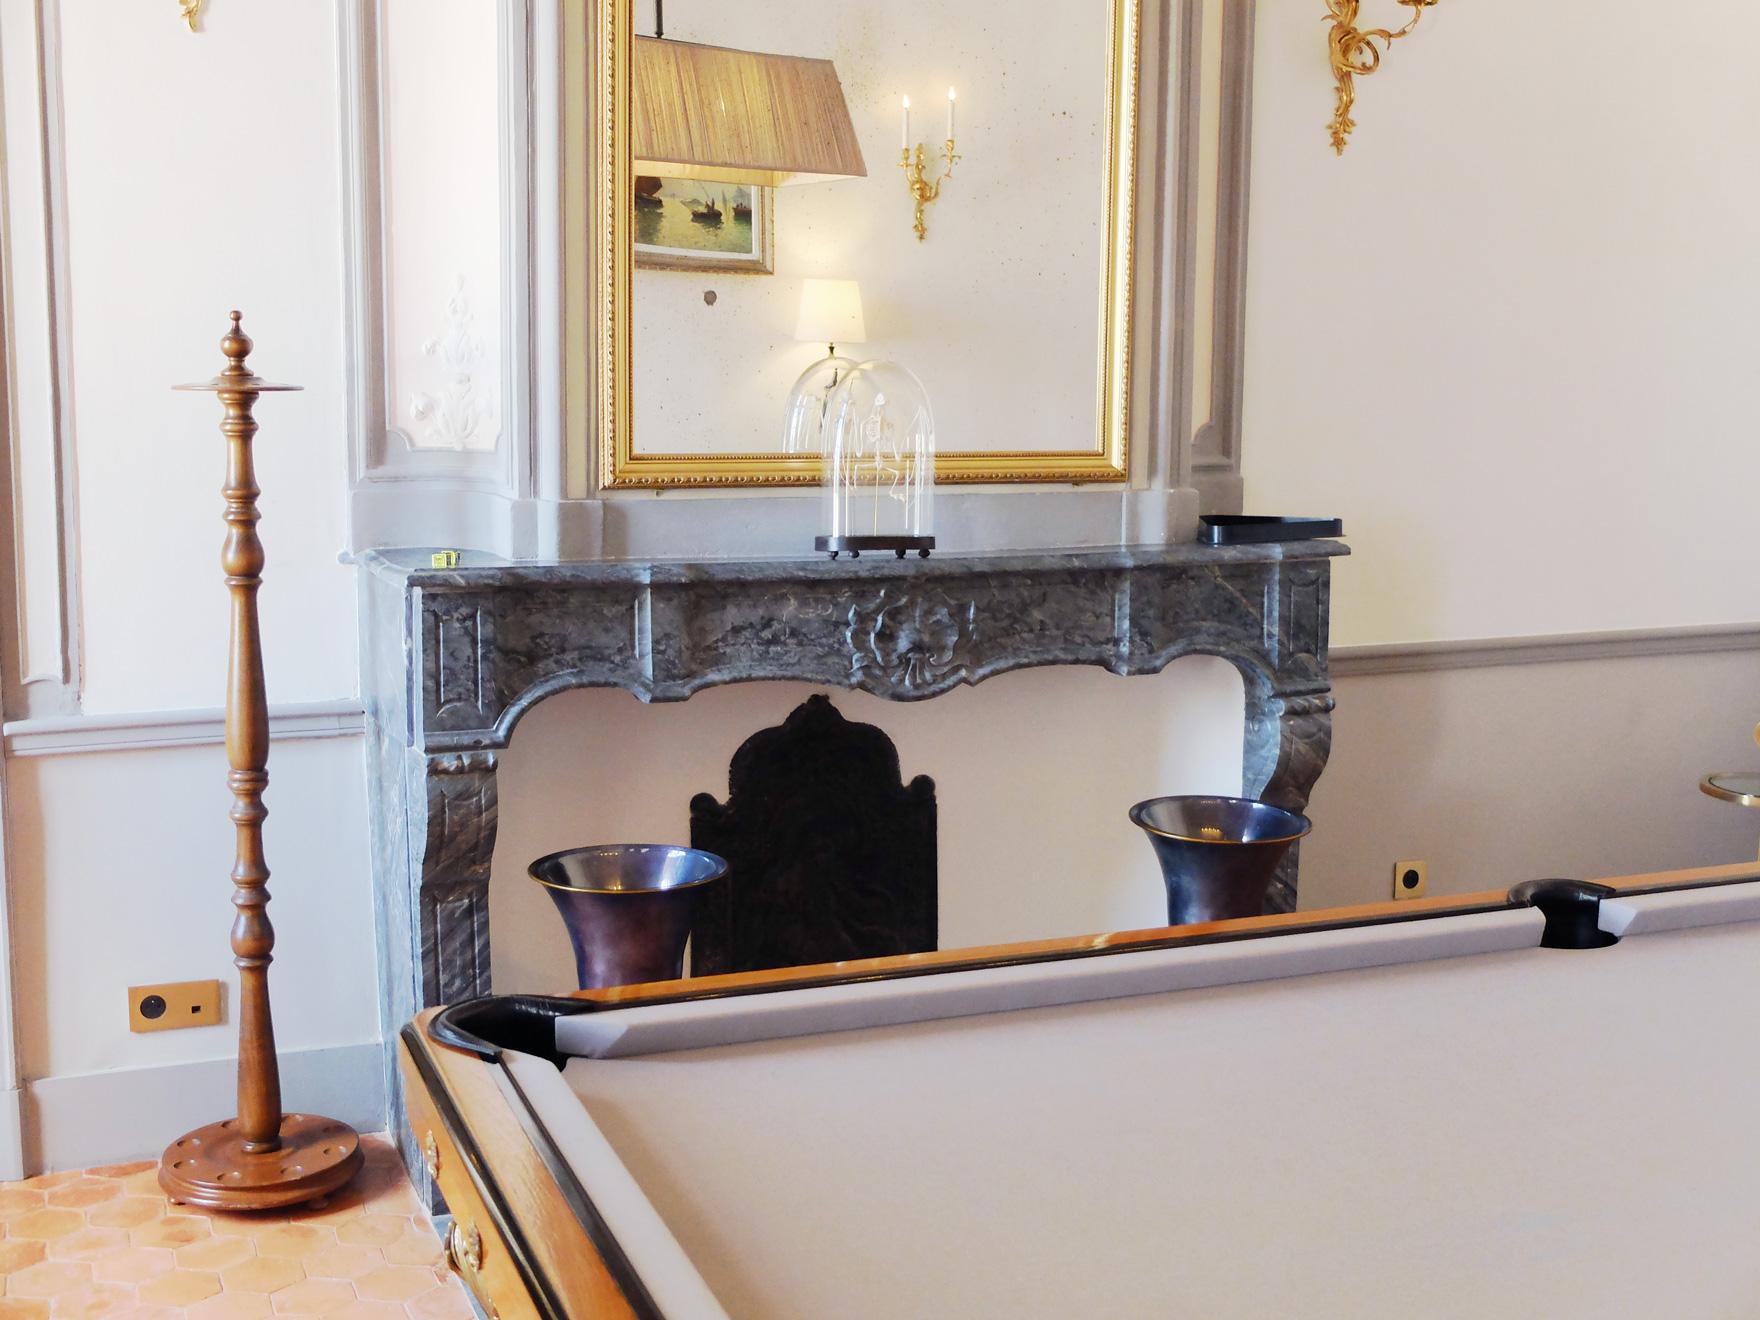 fonscolombe-billard